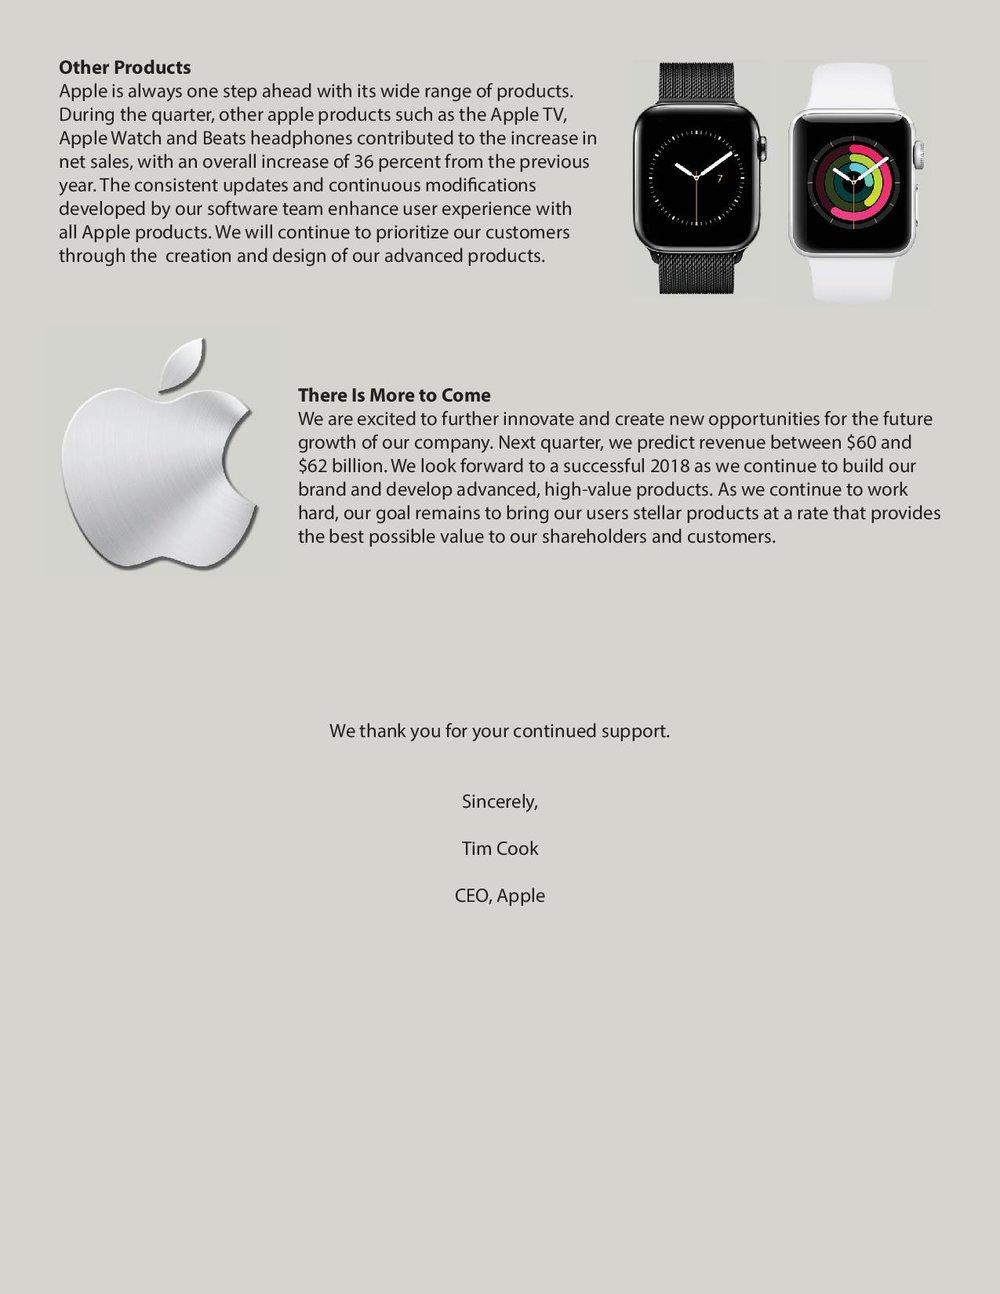 AppleShareholderLetter-page-002.jpg